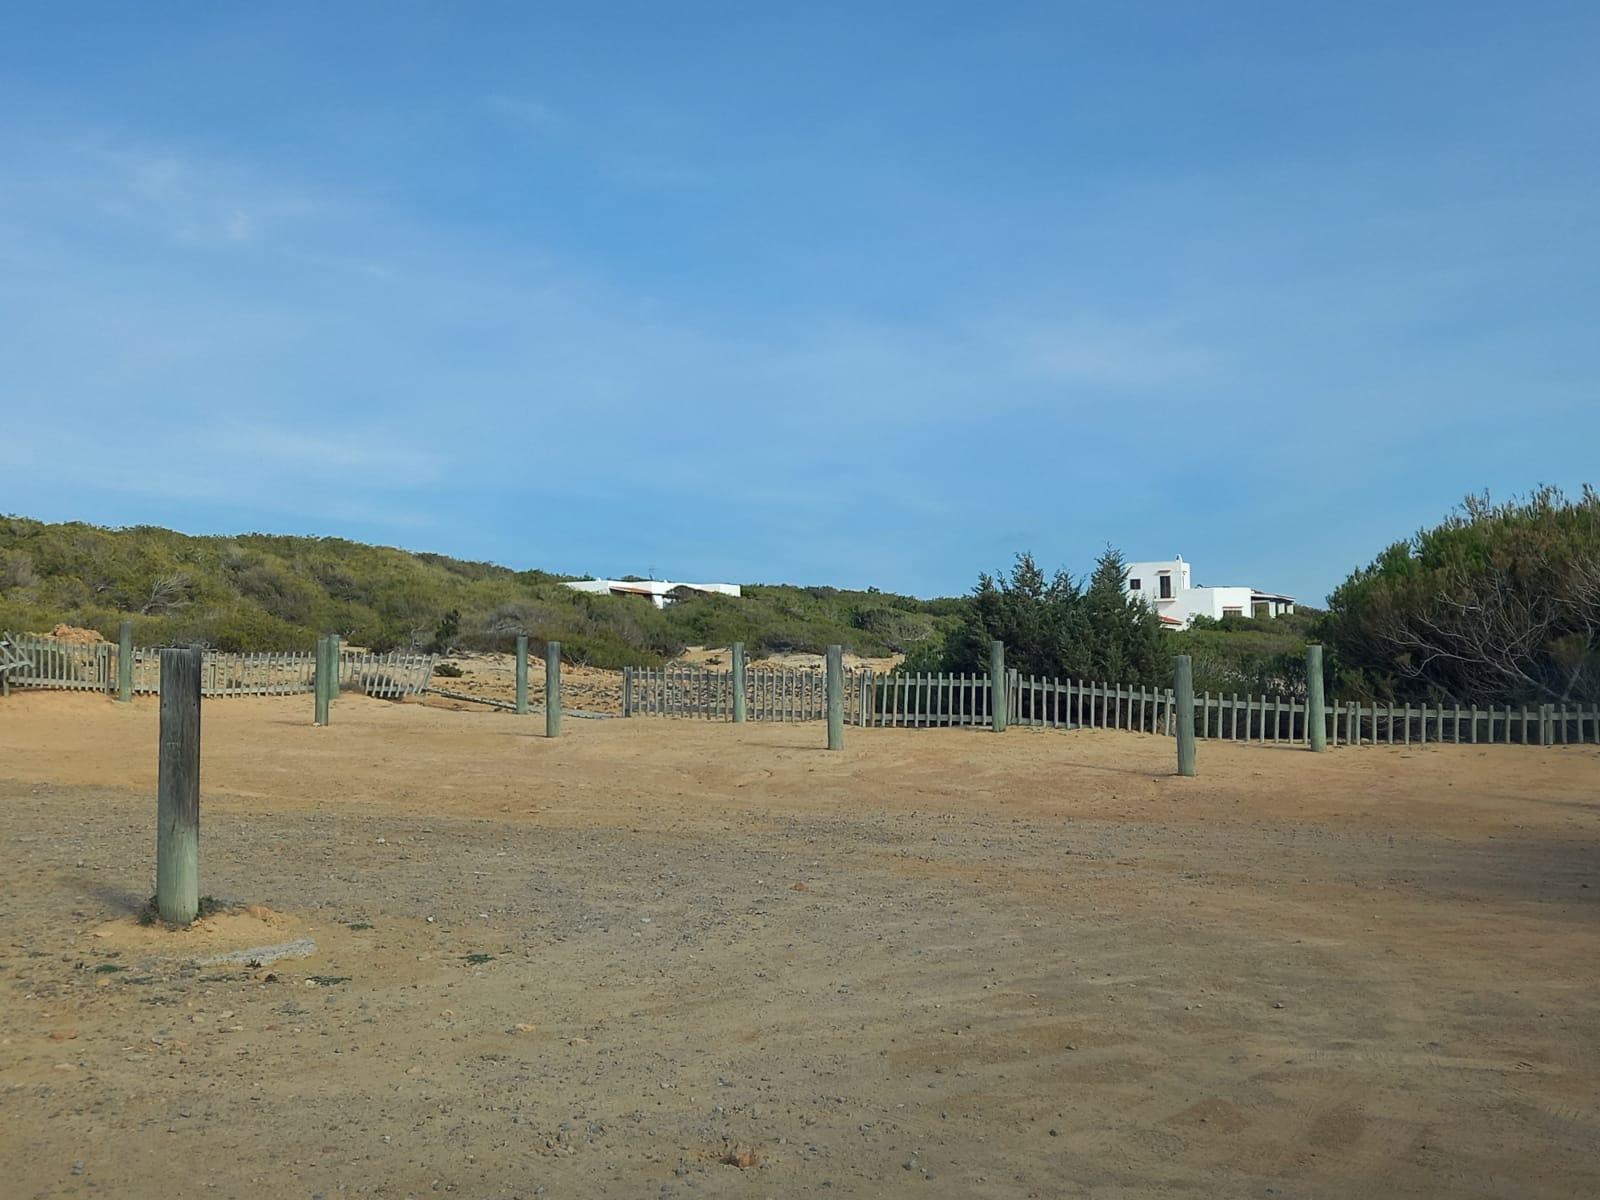 Sa Unió reclama la reposición de las cubiertas en todos los aparcamientos del litoral antes de empiece el verano